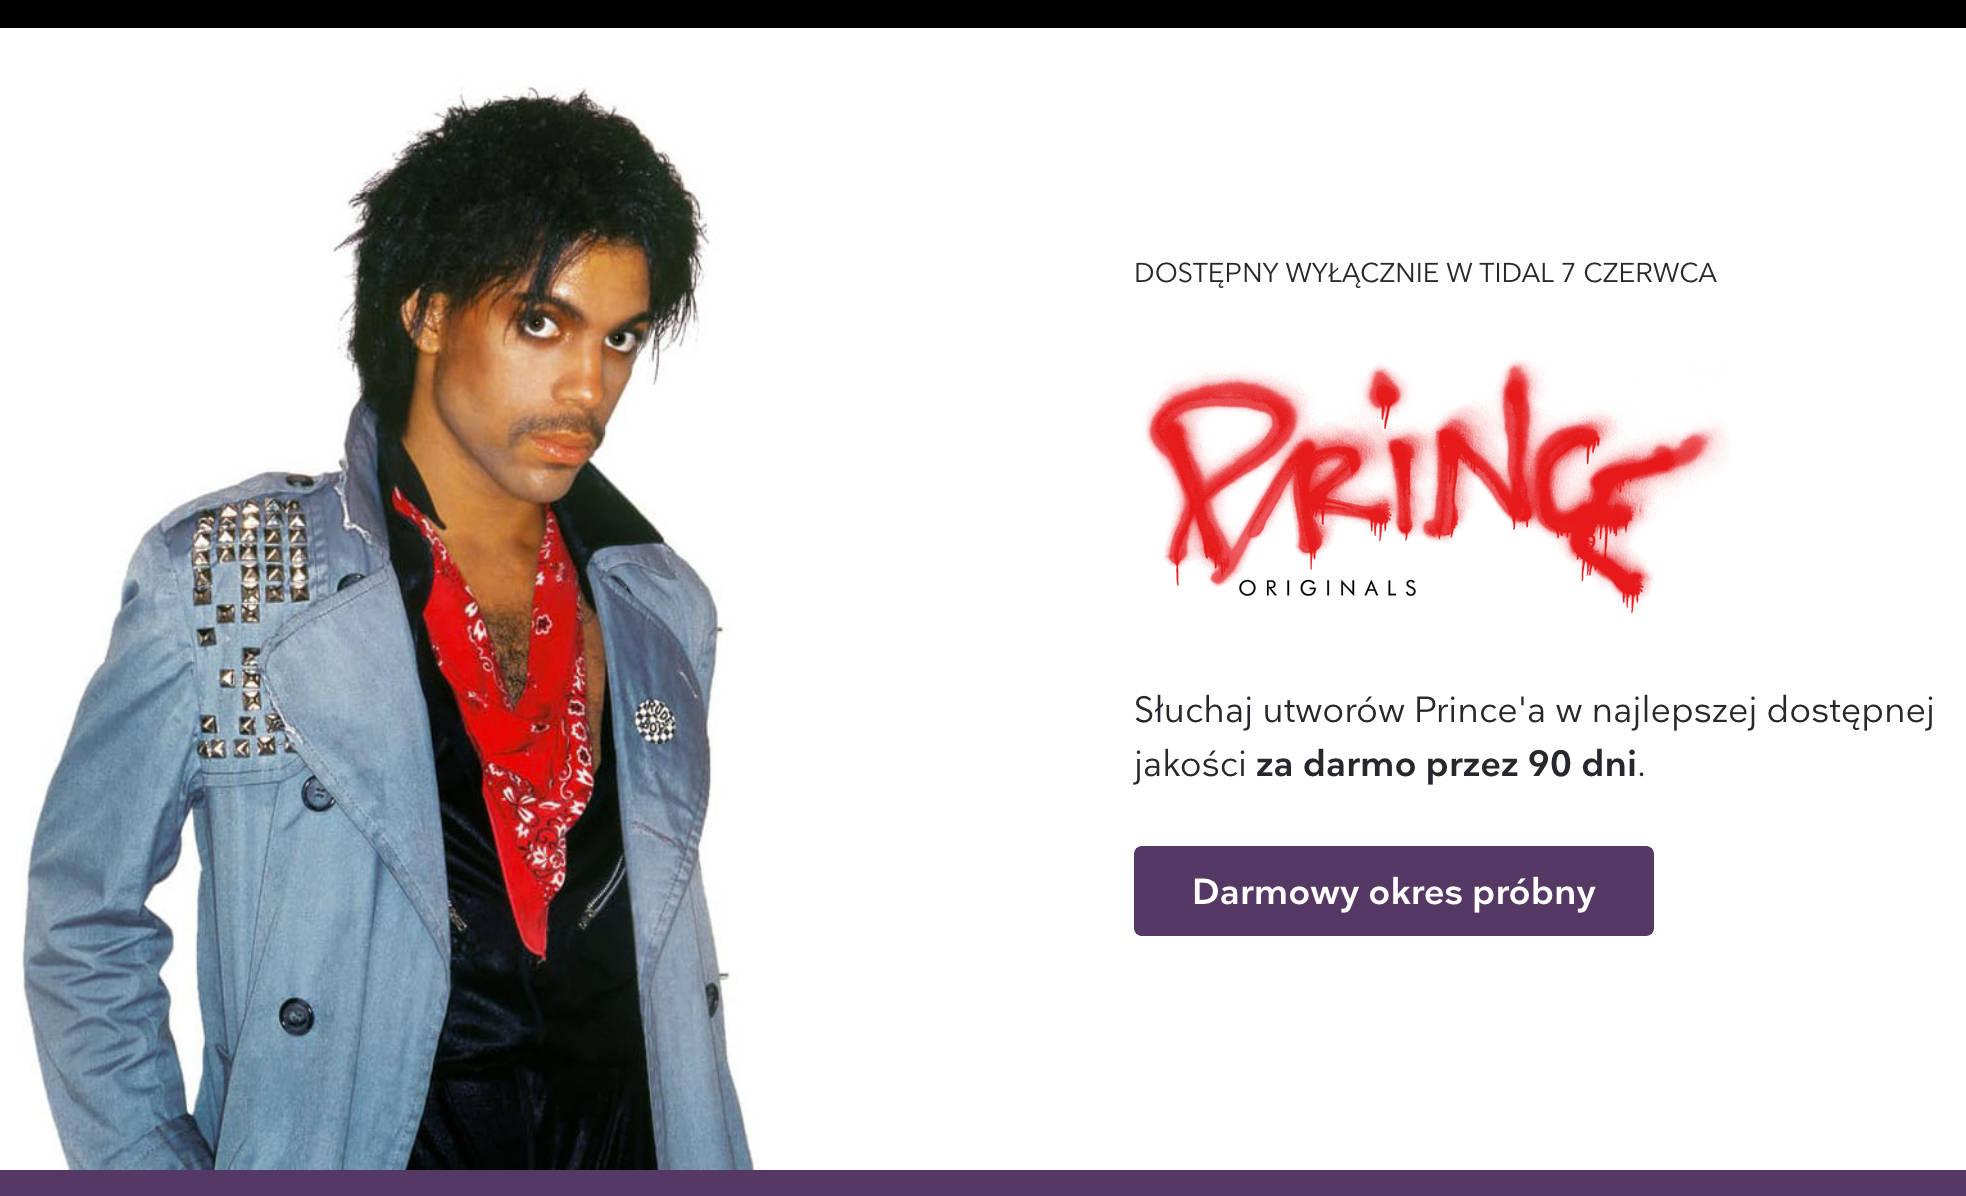 Tidal HiFi za darmo jak Prince Originals